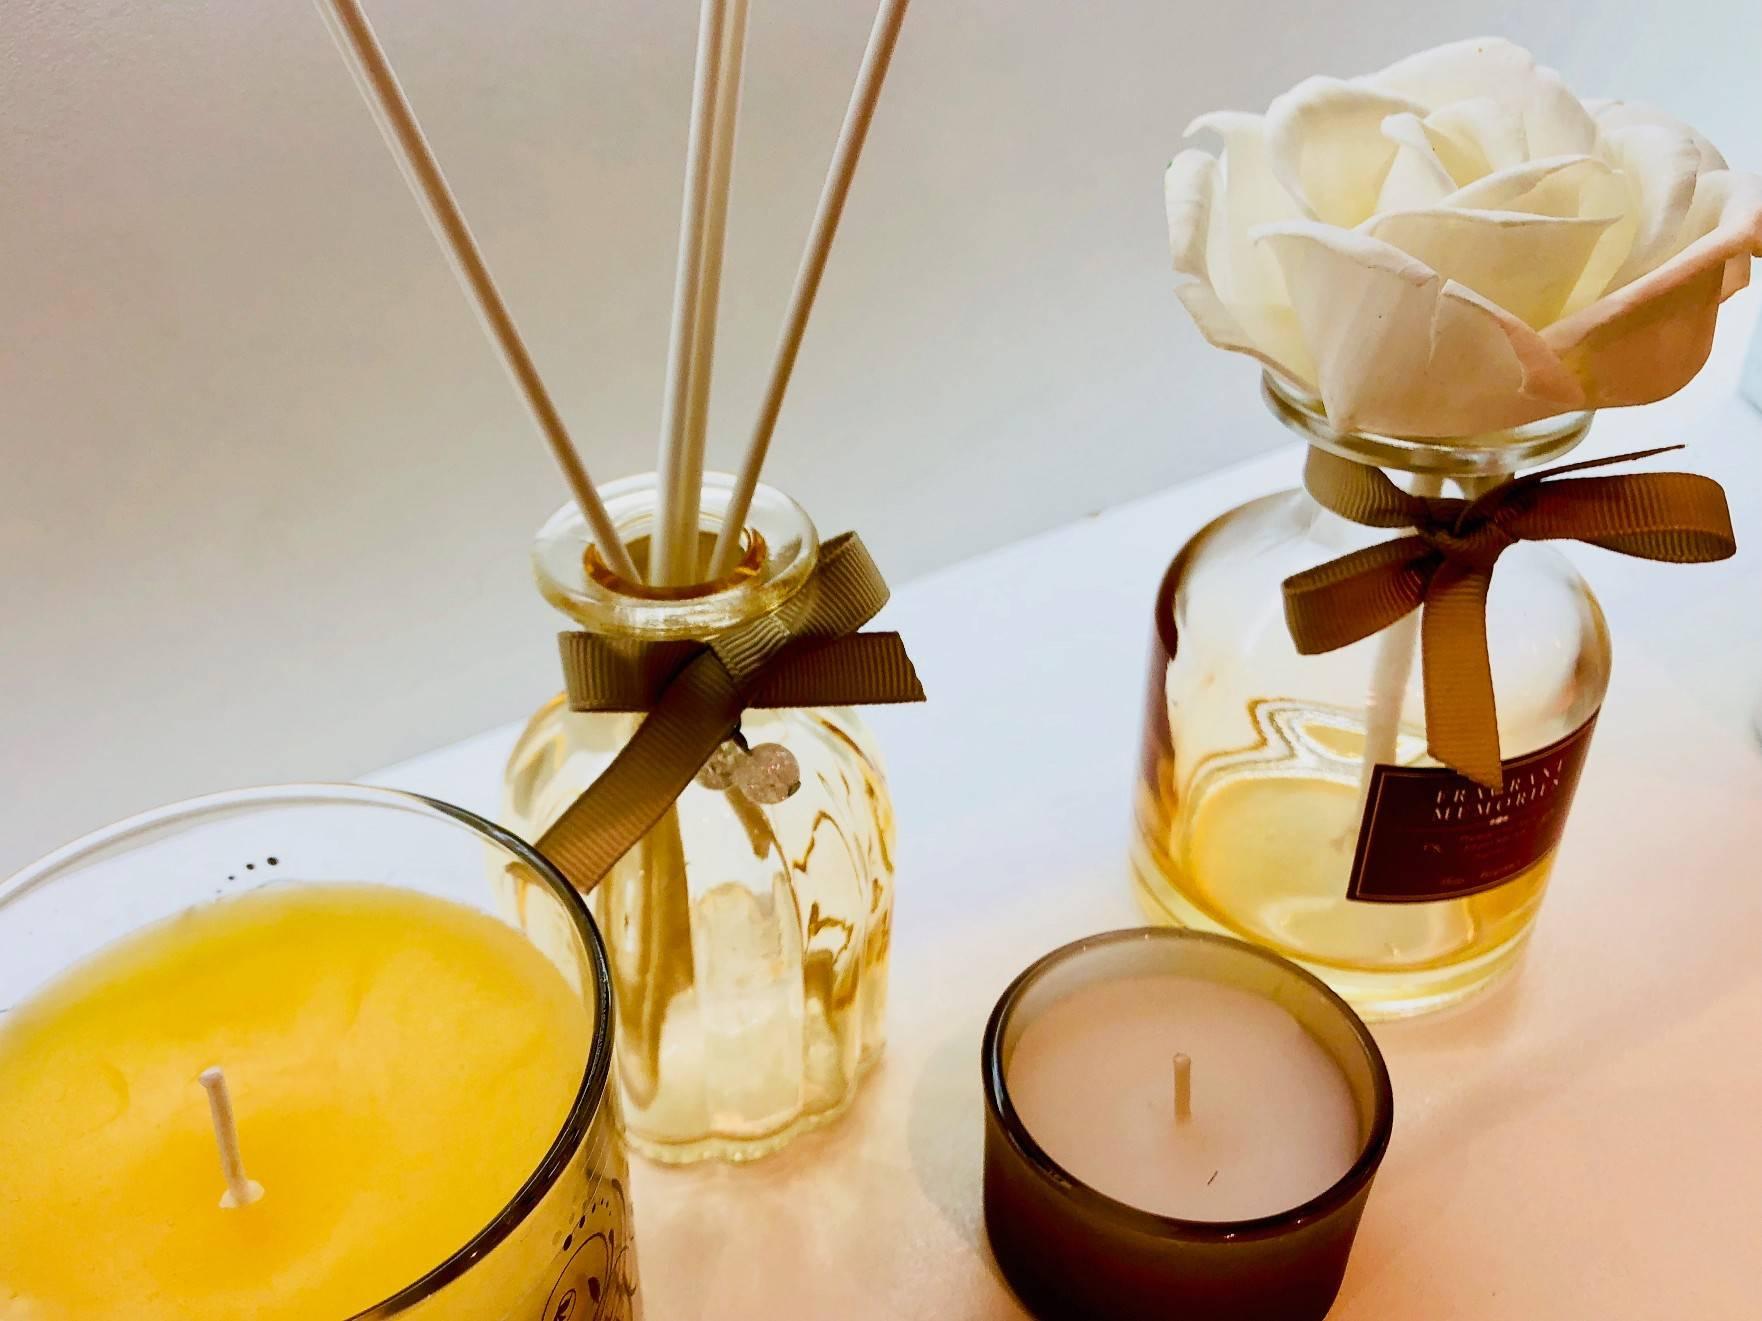 www.juicysantos.com.br - lord gifts santos